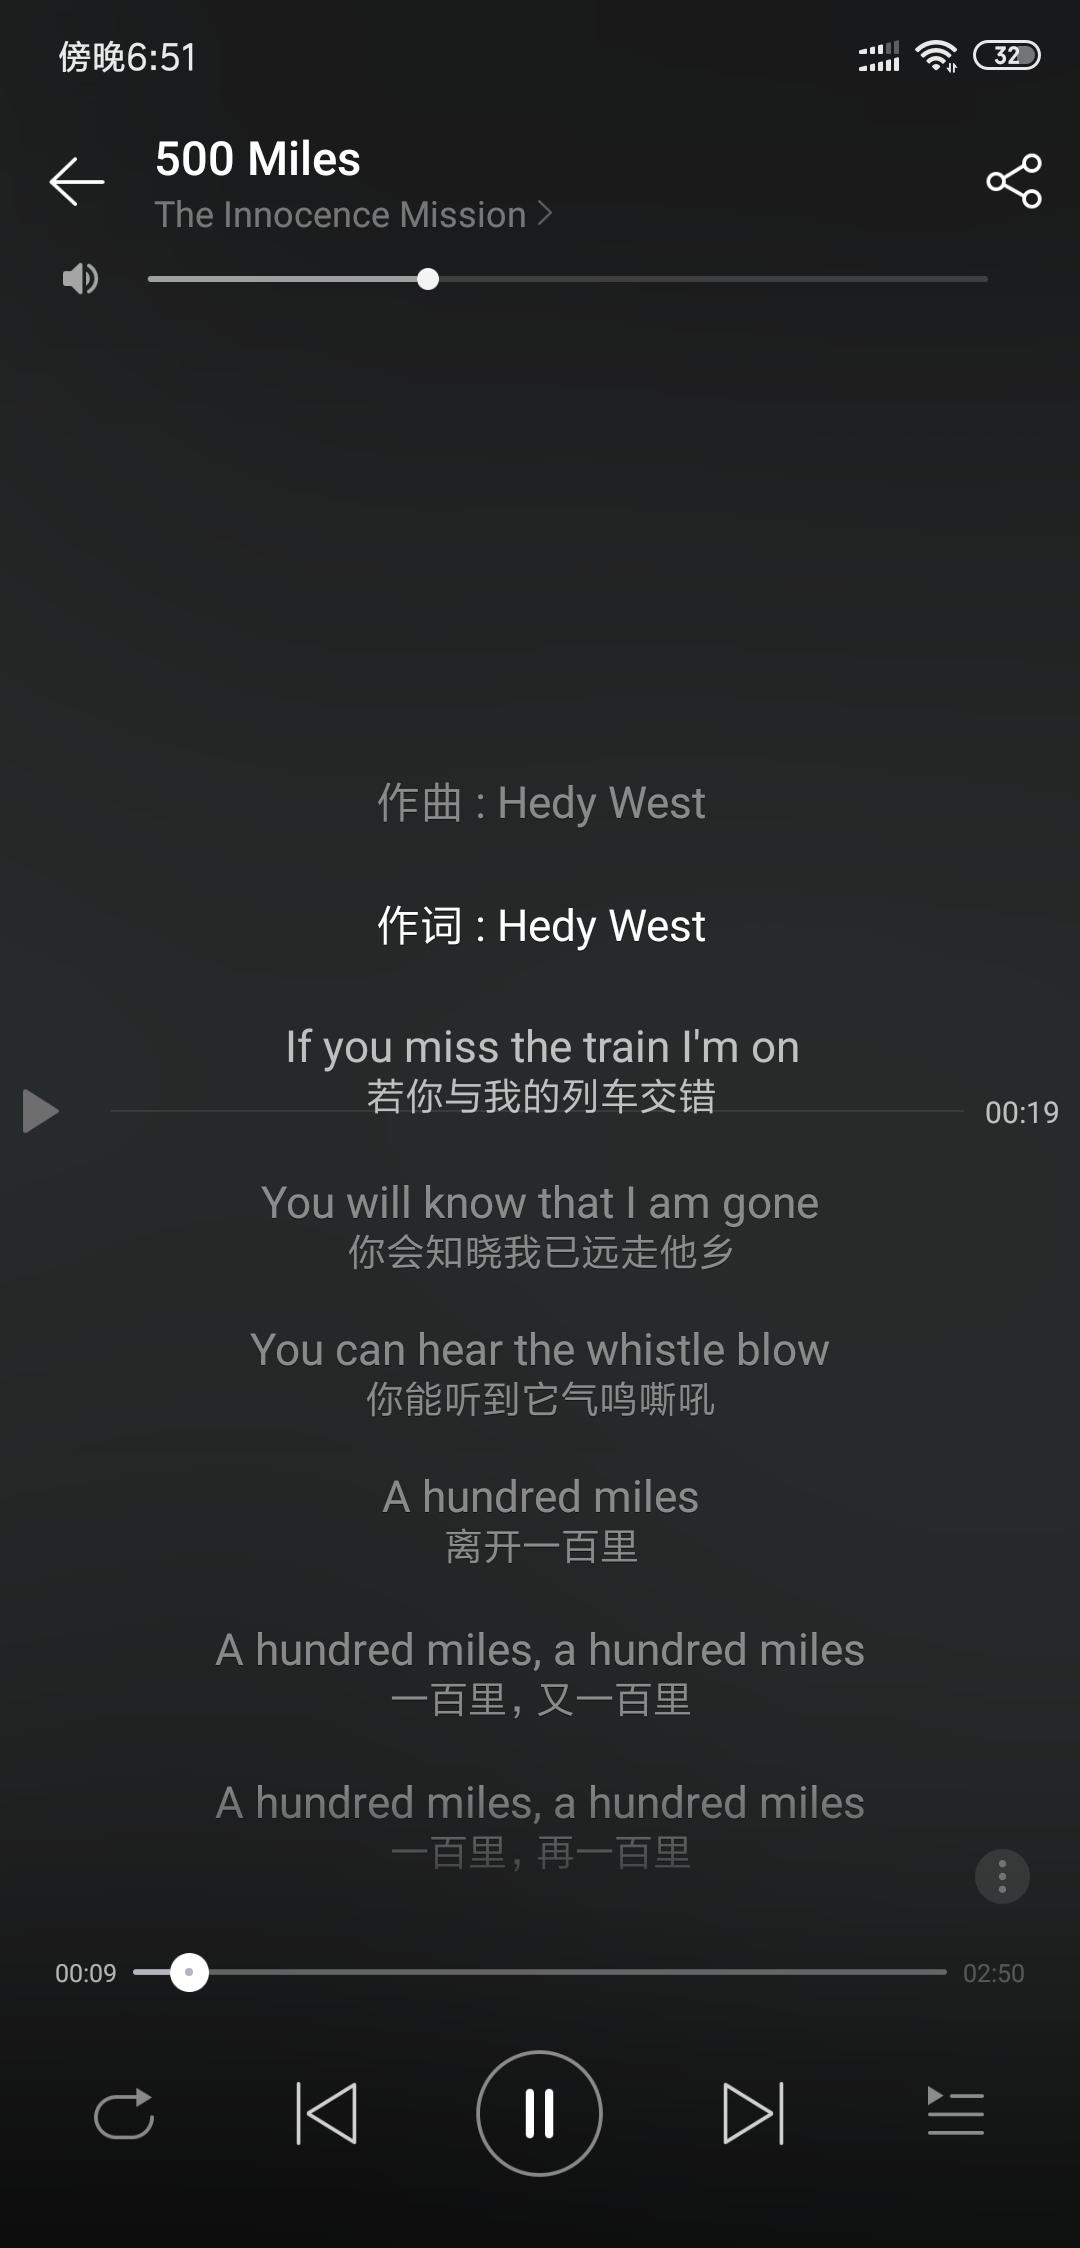 有什么比较好听的英文歌曲可以推荐吗?